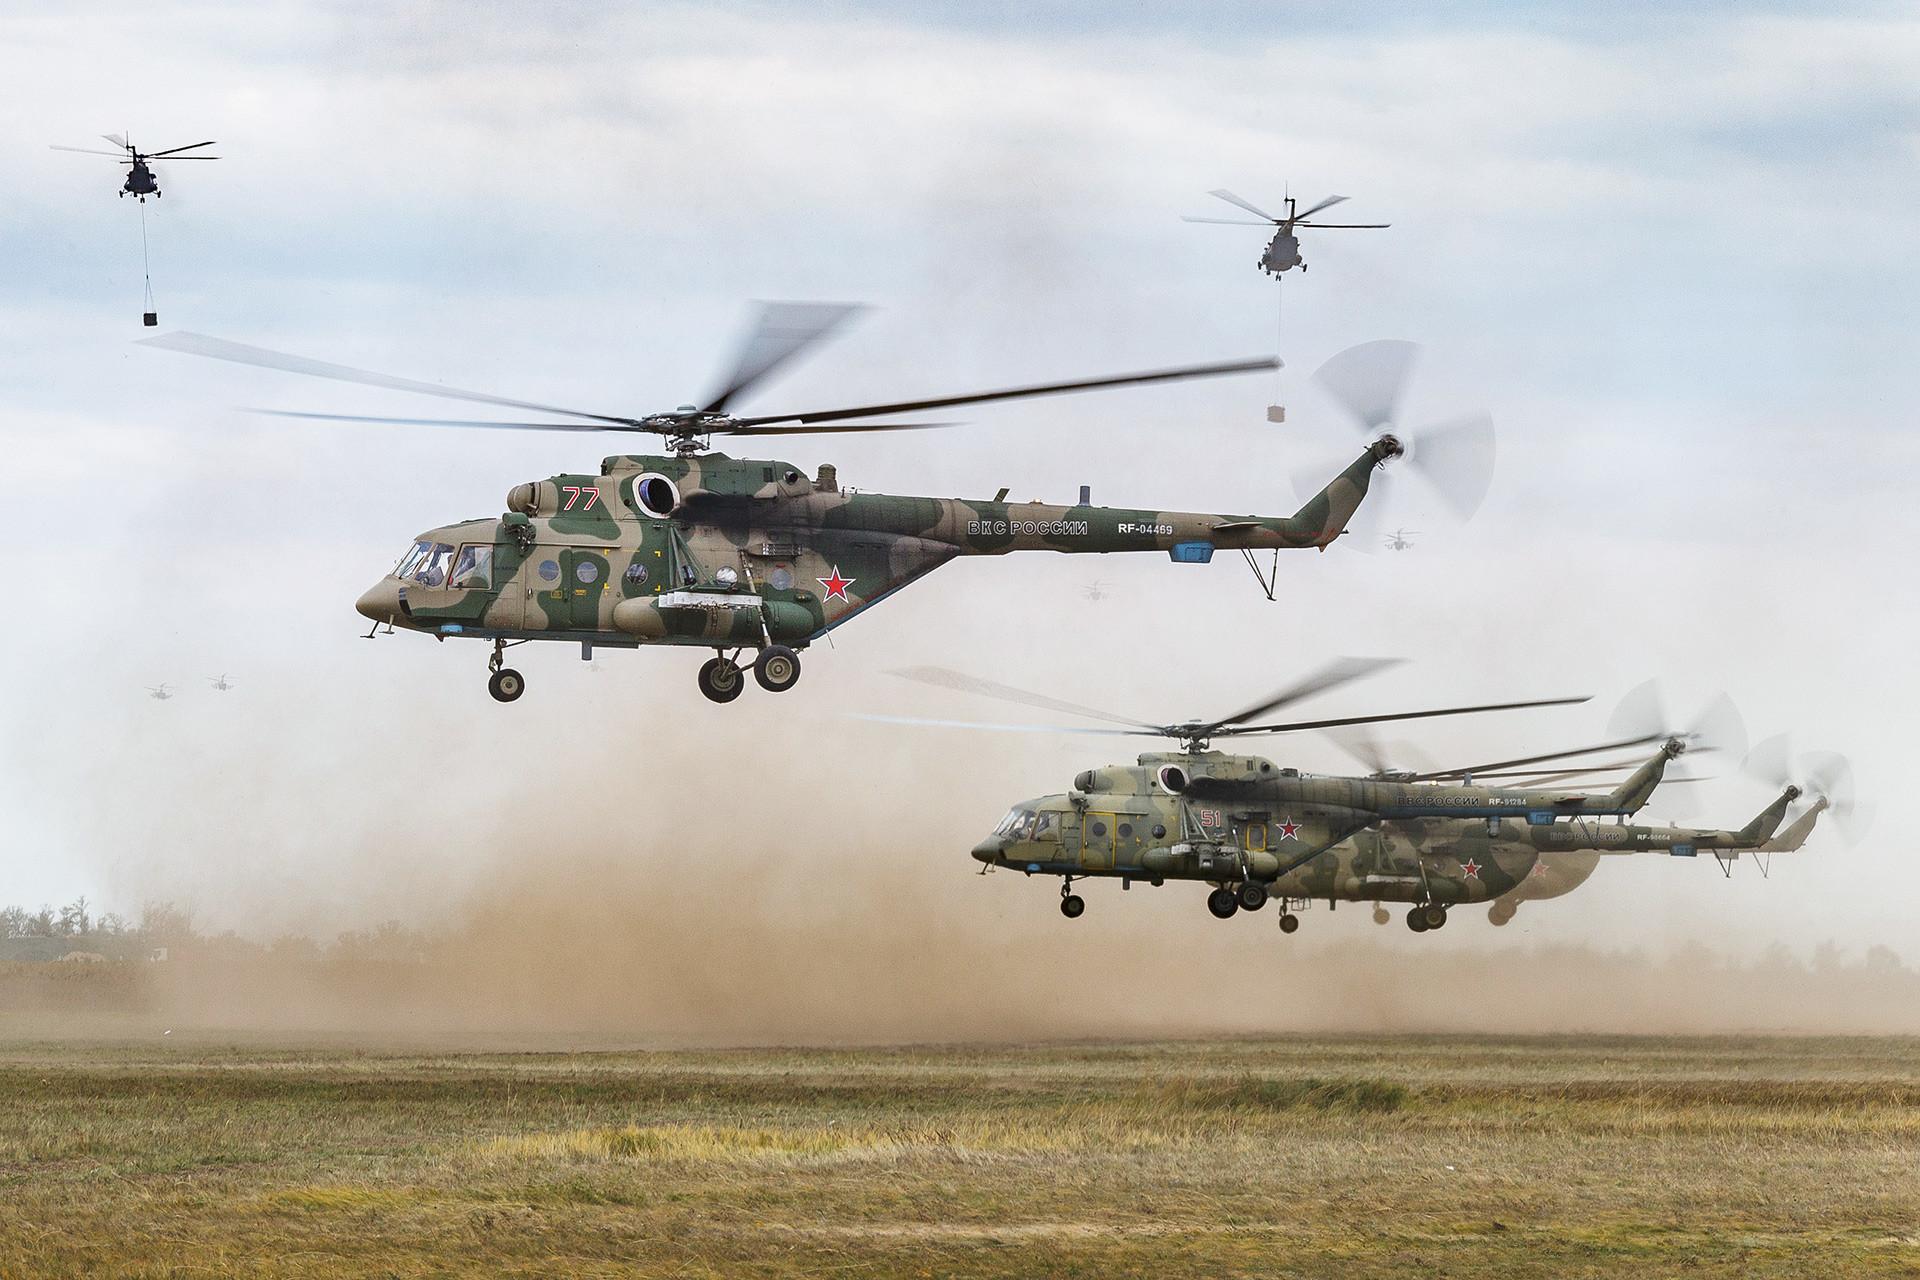 ヘリコプター「Mi-8AMTSh」。ツゴル演習場で行われた露中合同軍事演習「ボストーク2018」にて。